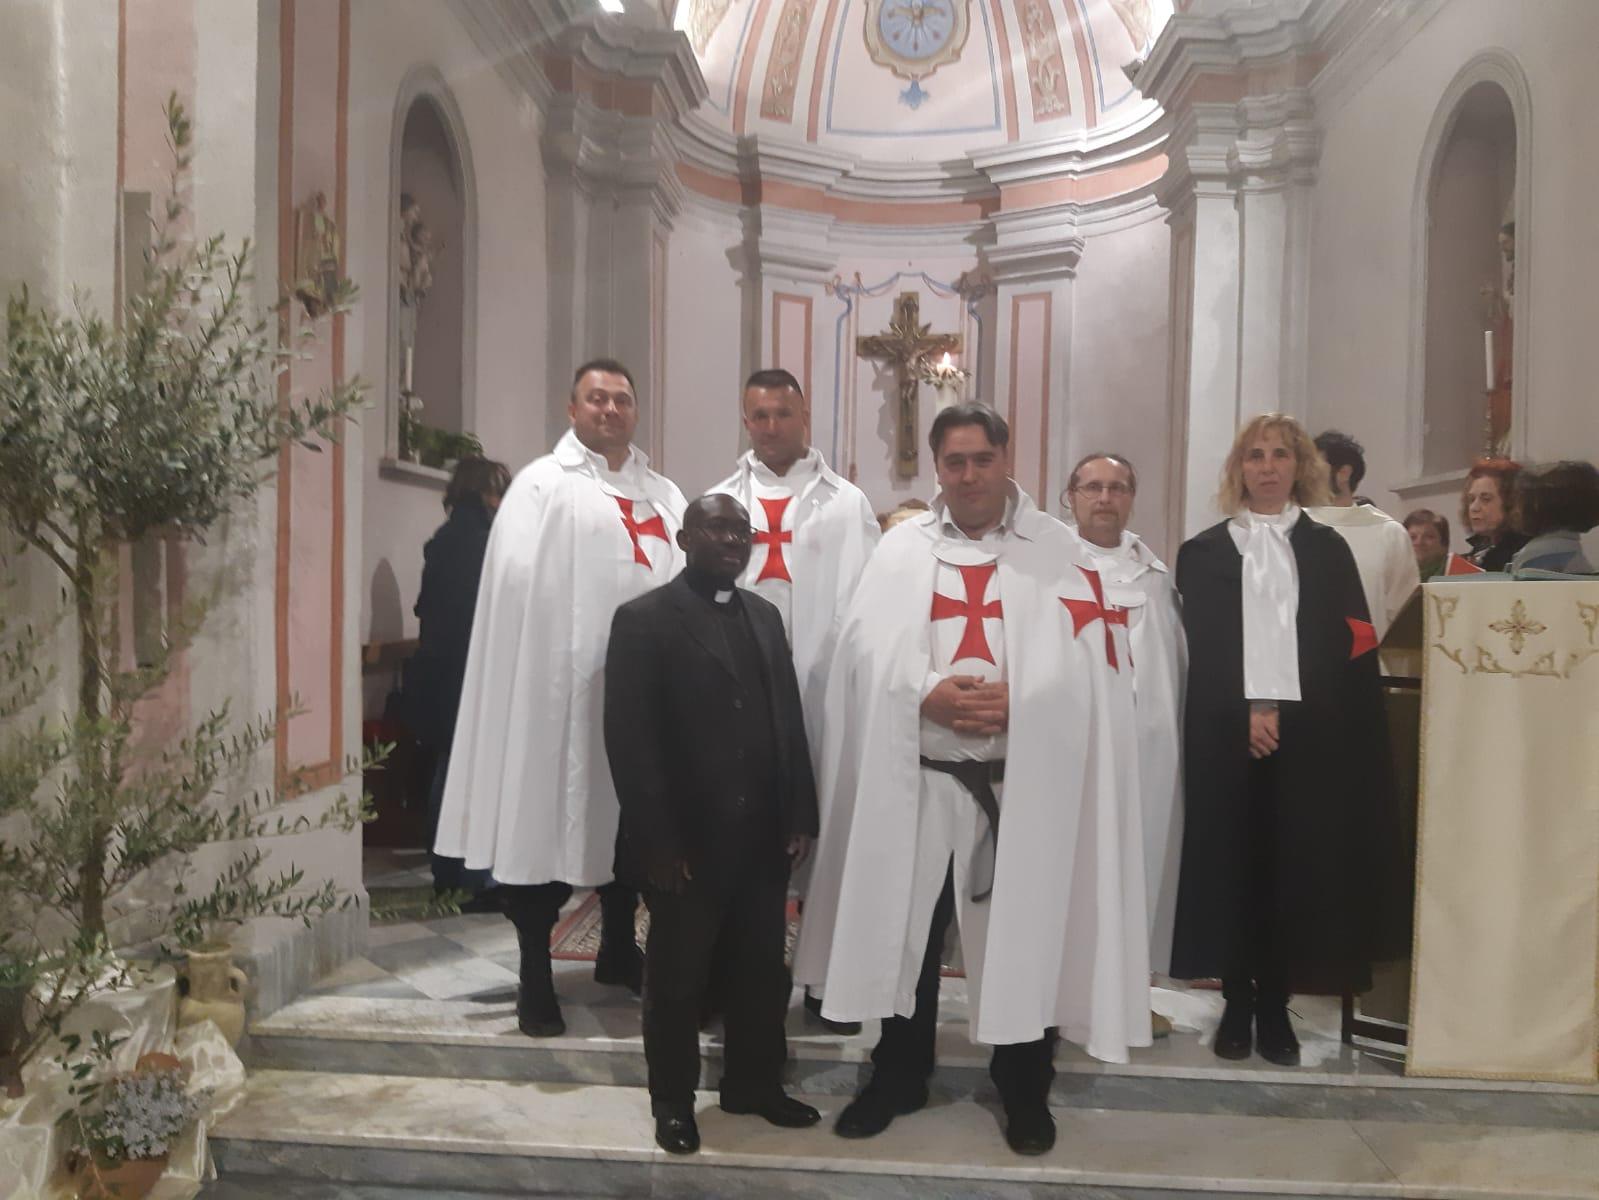 Custodia e Veglia Pasquale nella chiesa di San Giovanni Battista a Terrarossa (MS)